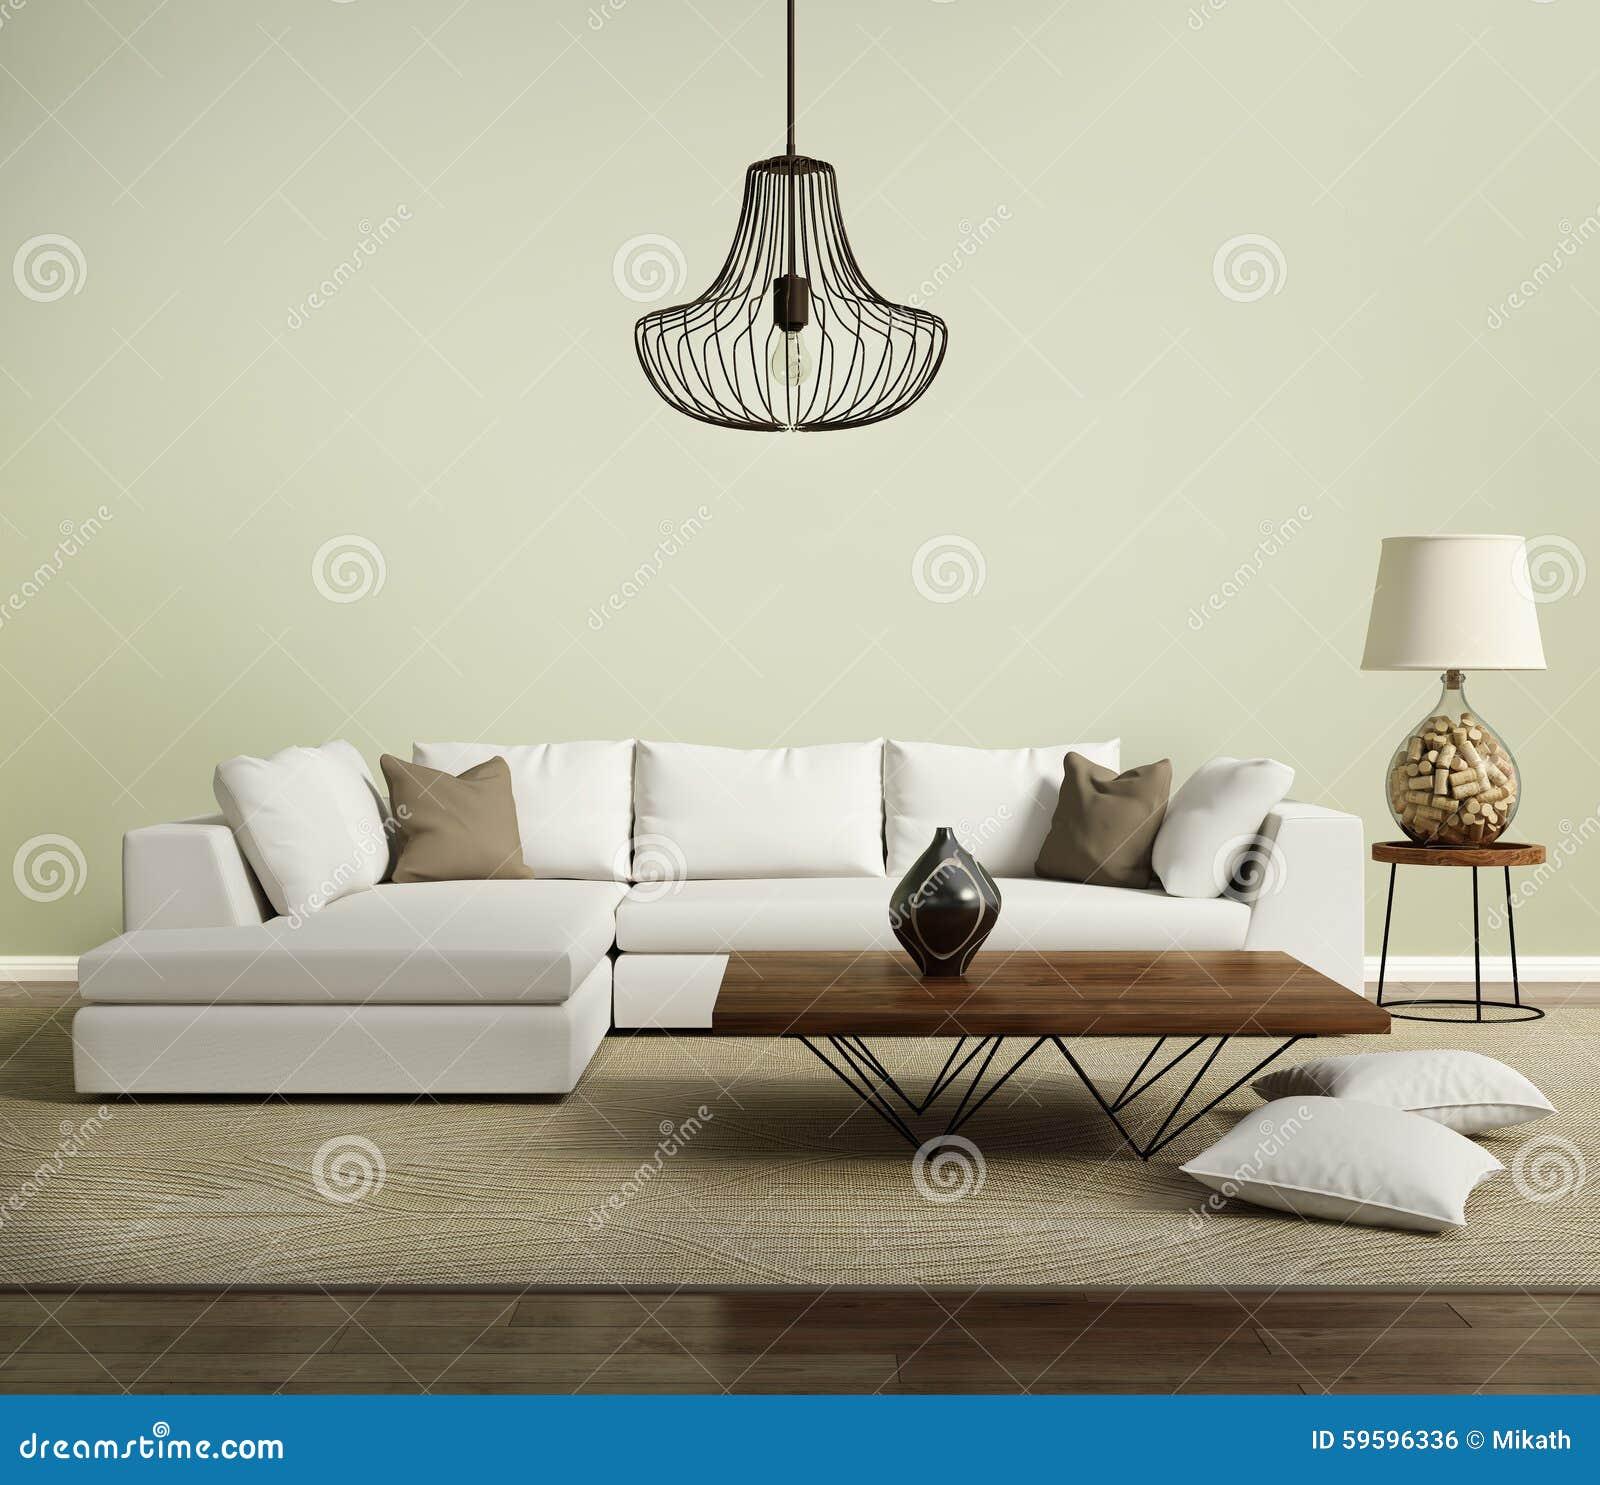 Beige Zeitgenössisches Modernes Sofa Mit Lampe Stockfoto - Bild von ...